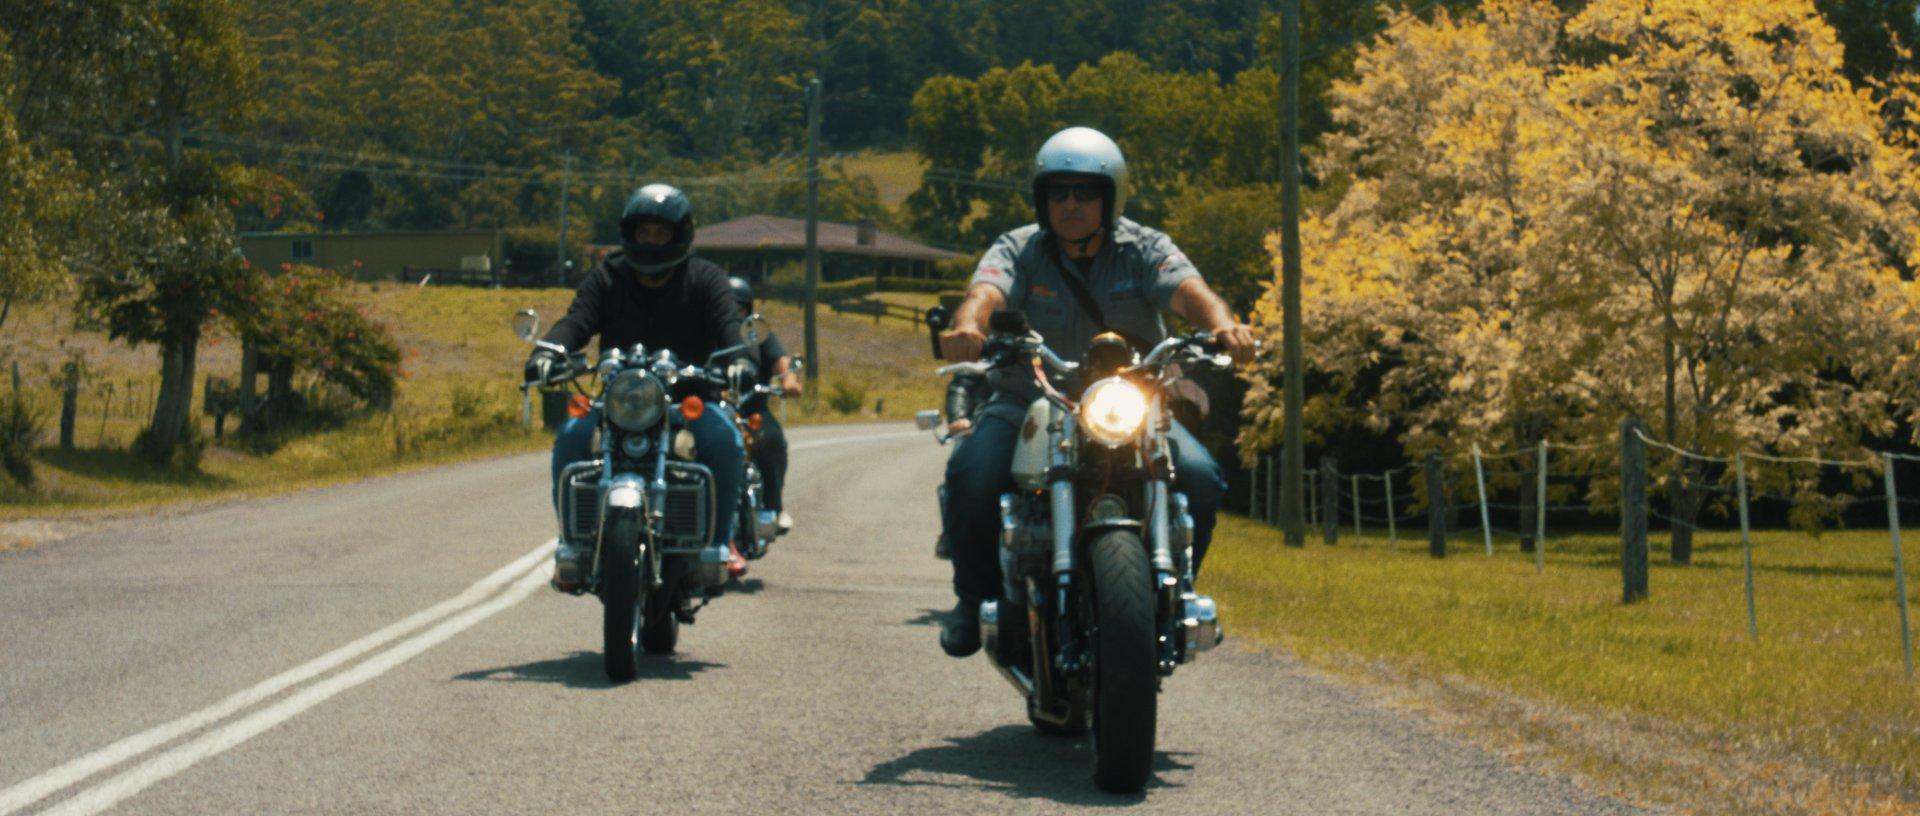 SDG moto bike documentary custom build